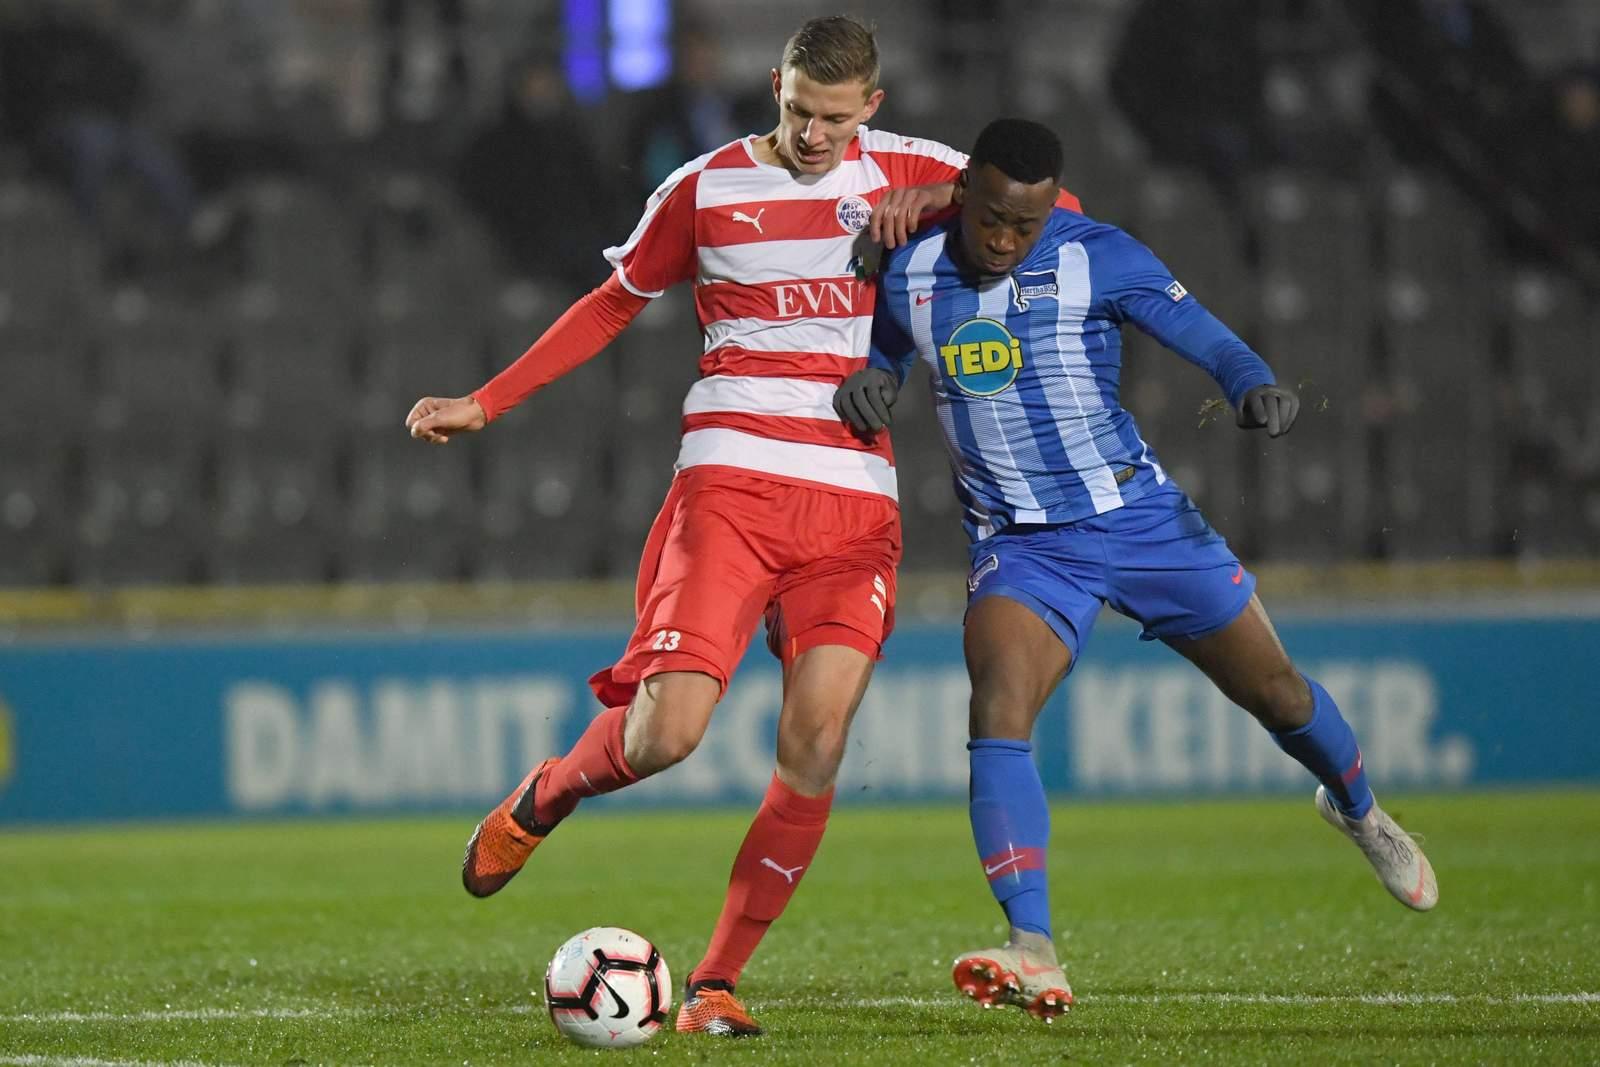 Felix Müller von Wacker Nordhausen gegen Will Siakam von Hertha BSC II.